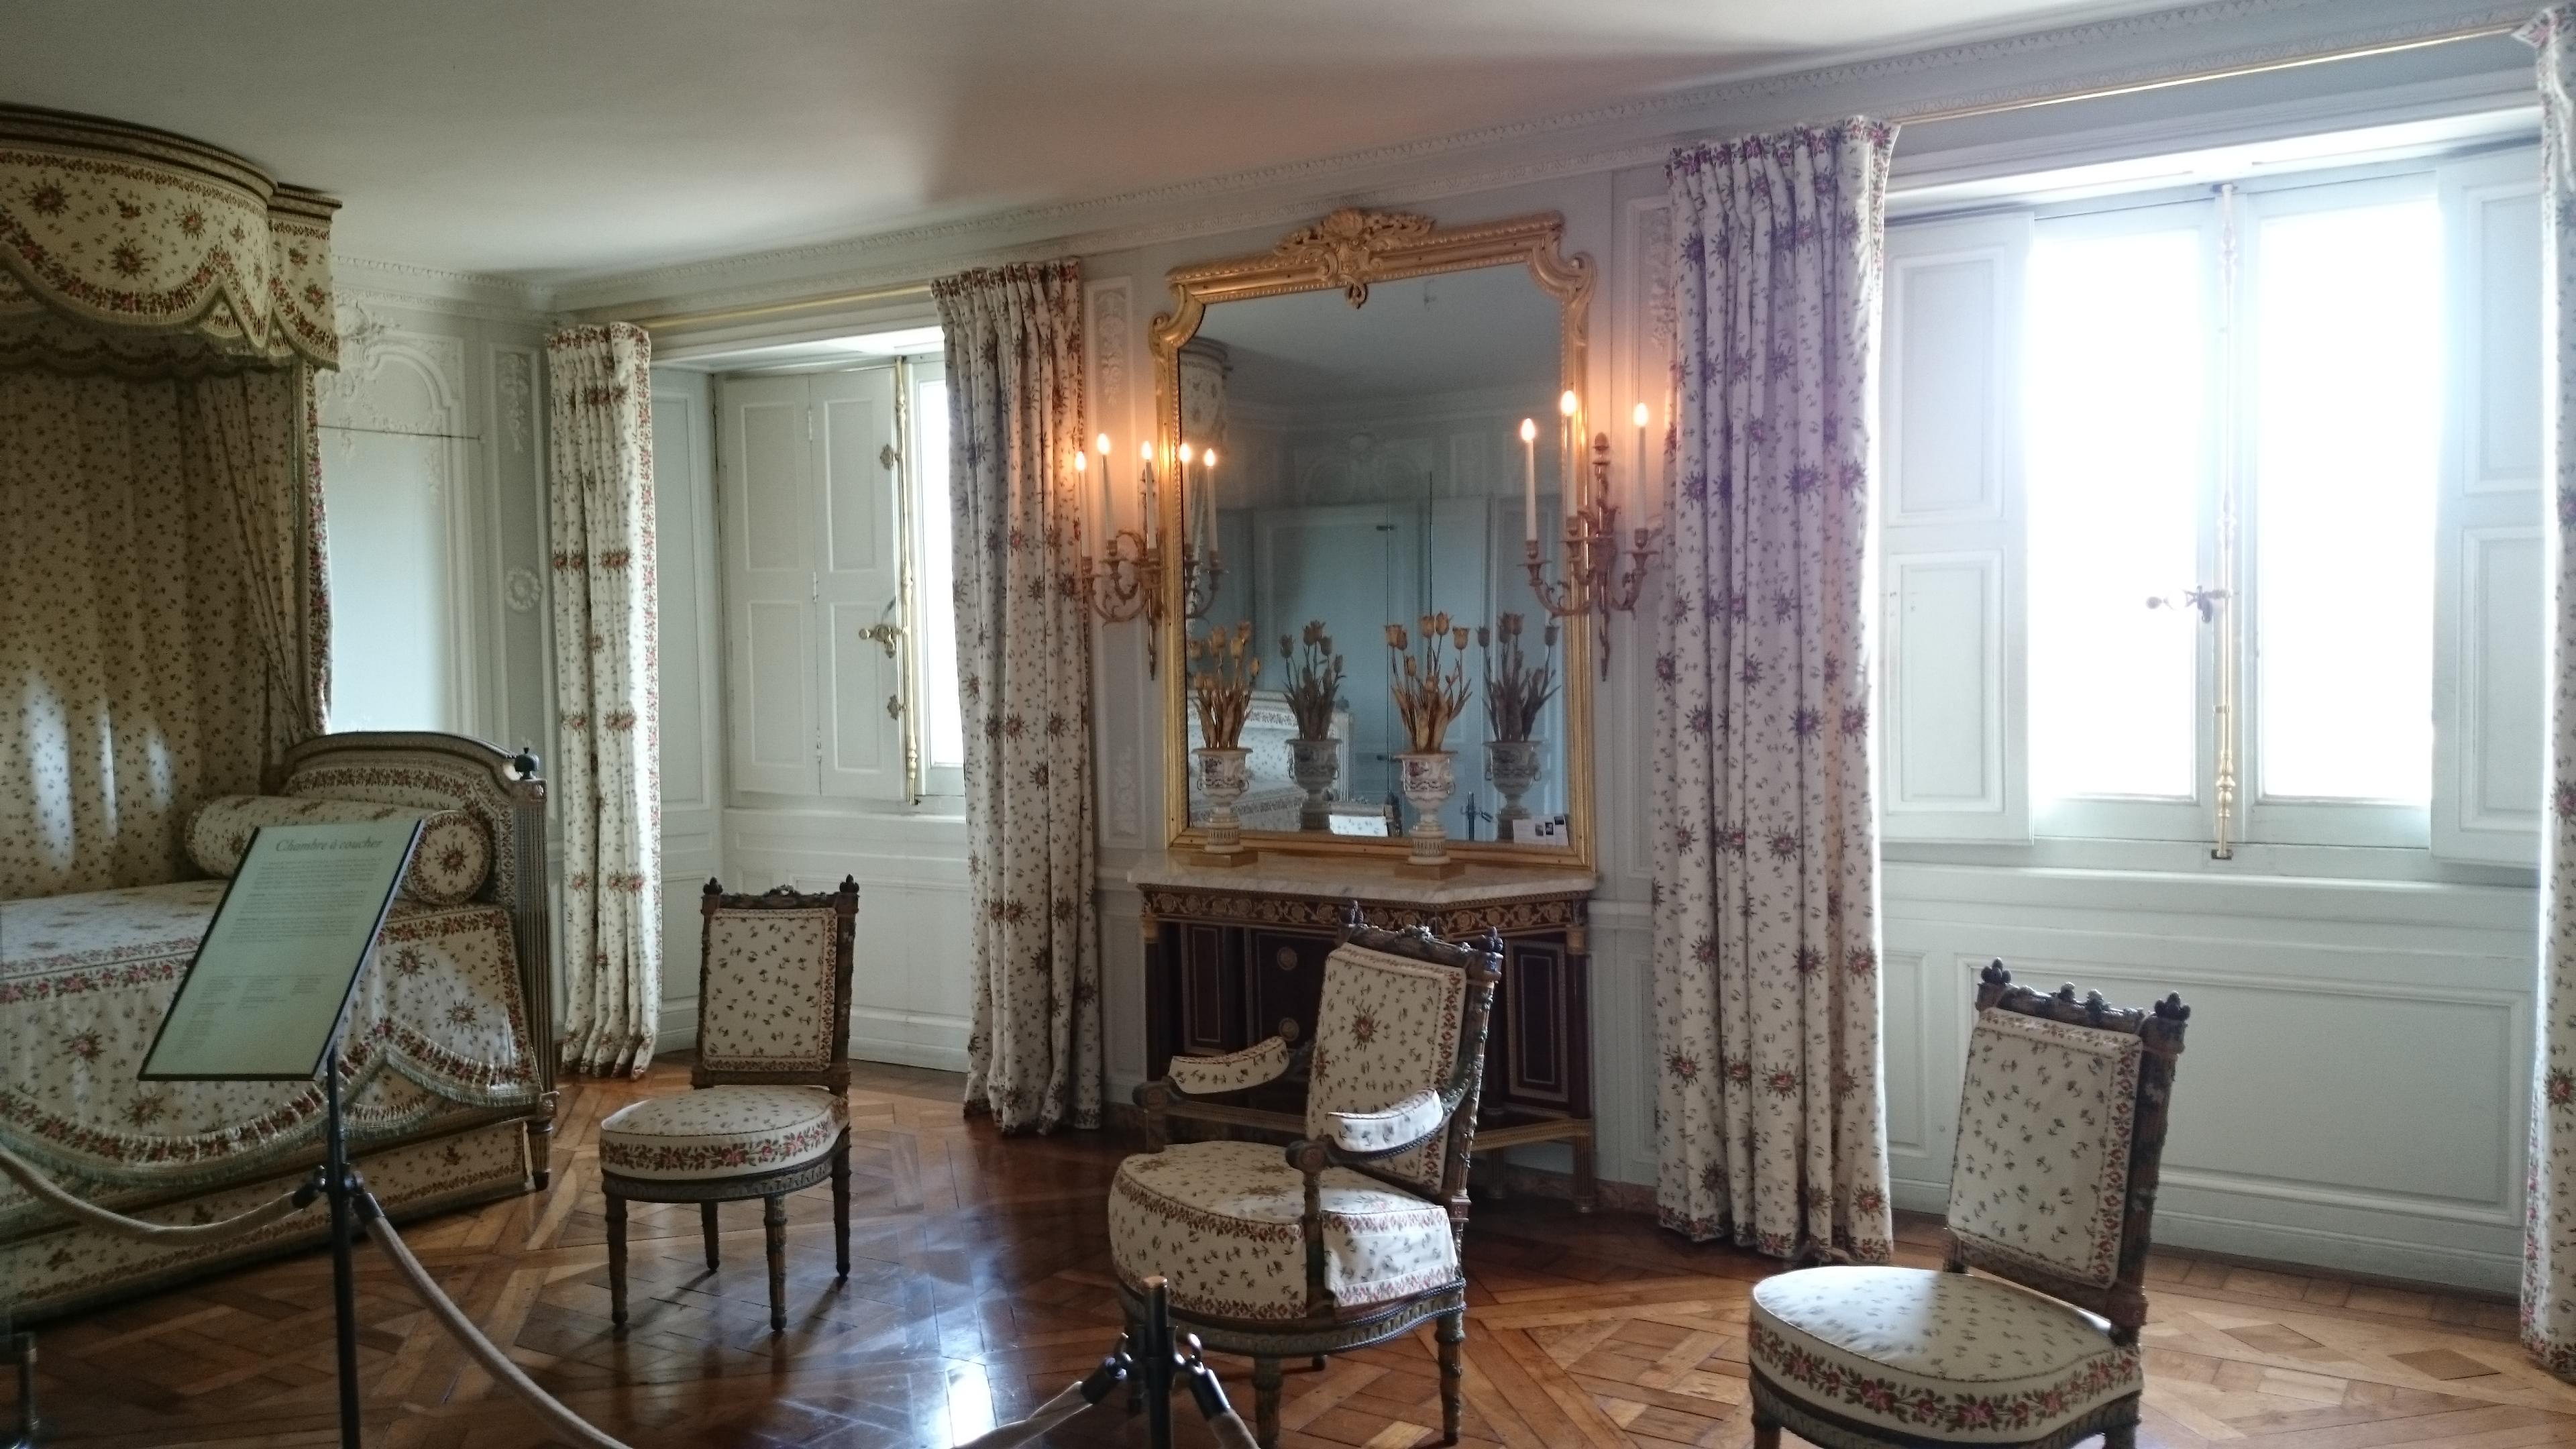 dsc 1276 - Visita al Palacio de Versalles: Como ir, cuanto cuesta y tips II/III